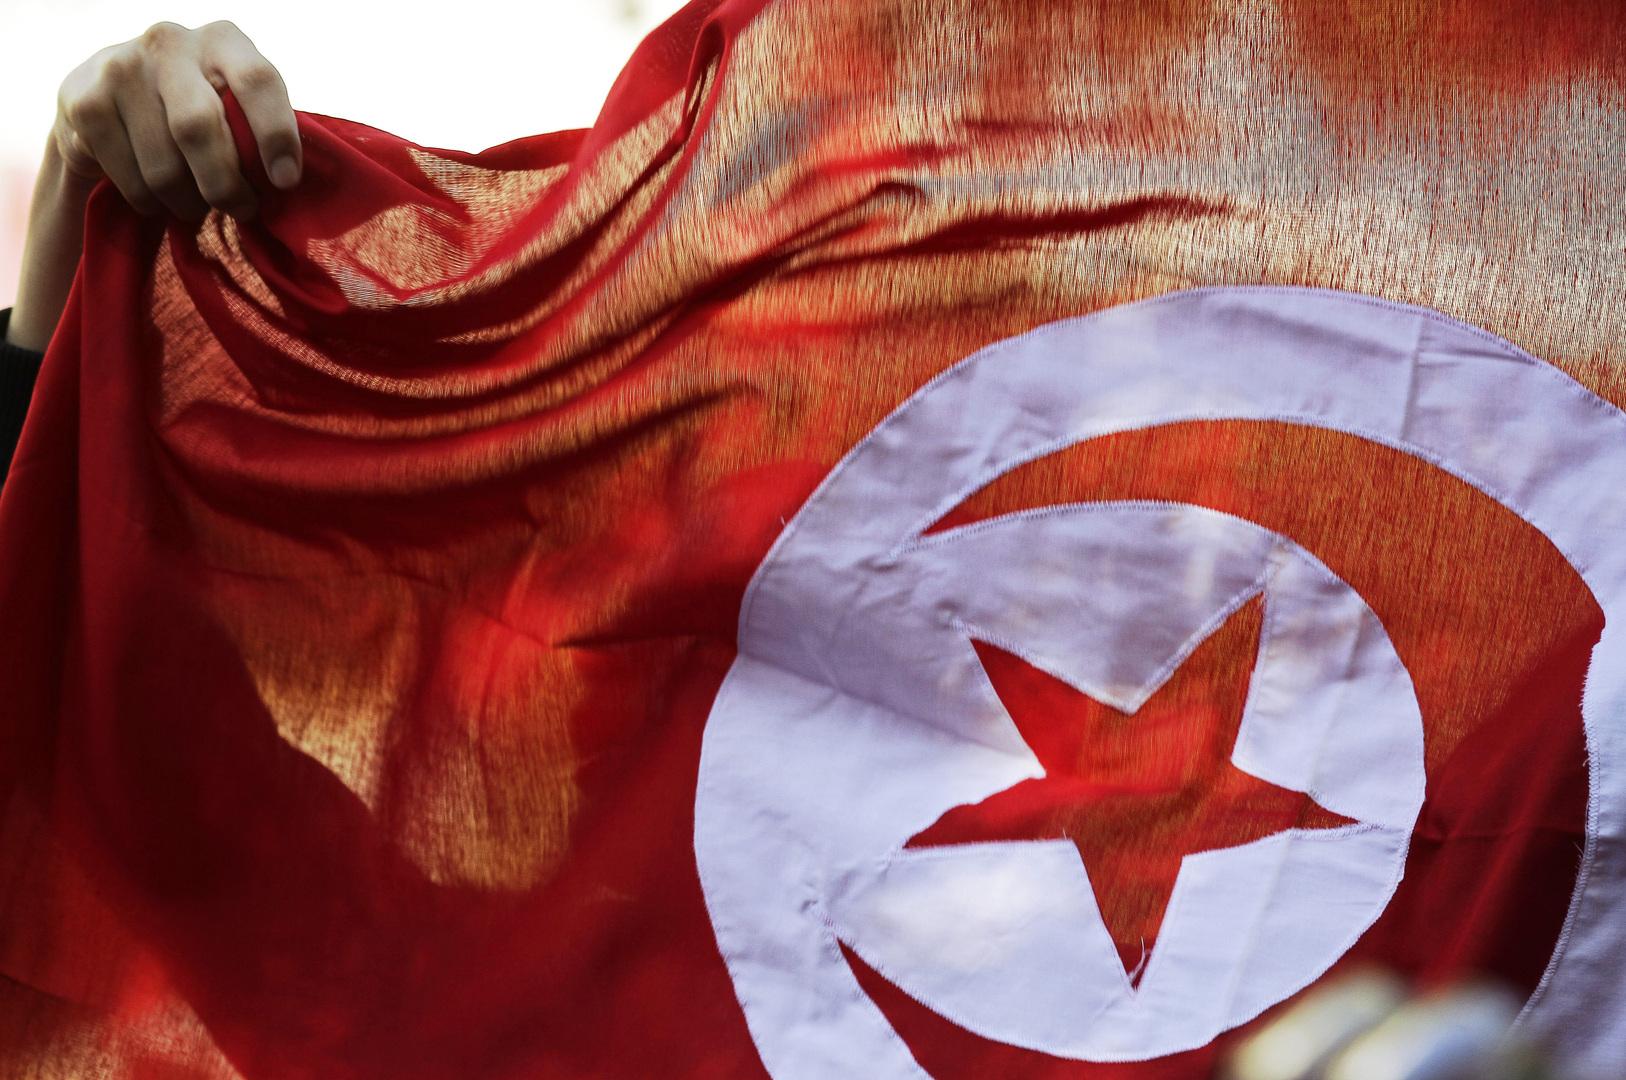 تونس ترفع سعر السكر الموجه للاستهلاك العائلي لخفض العجز المالي